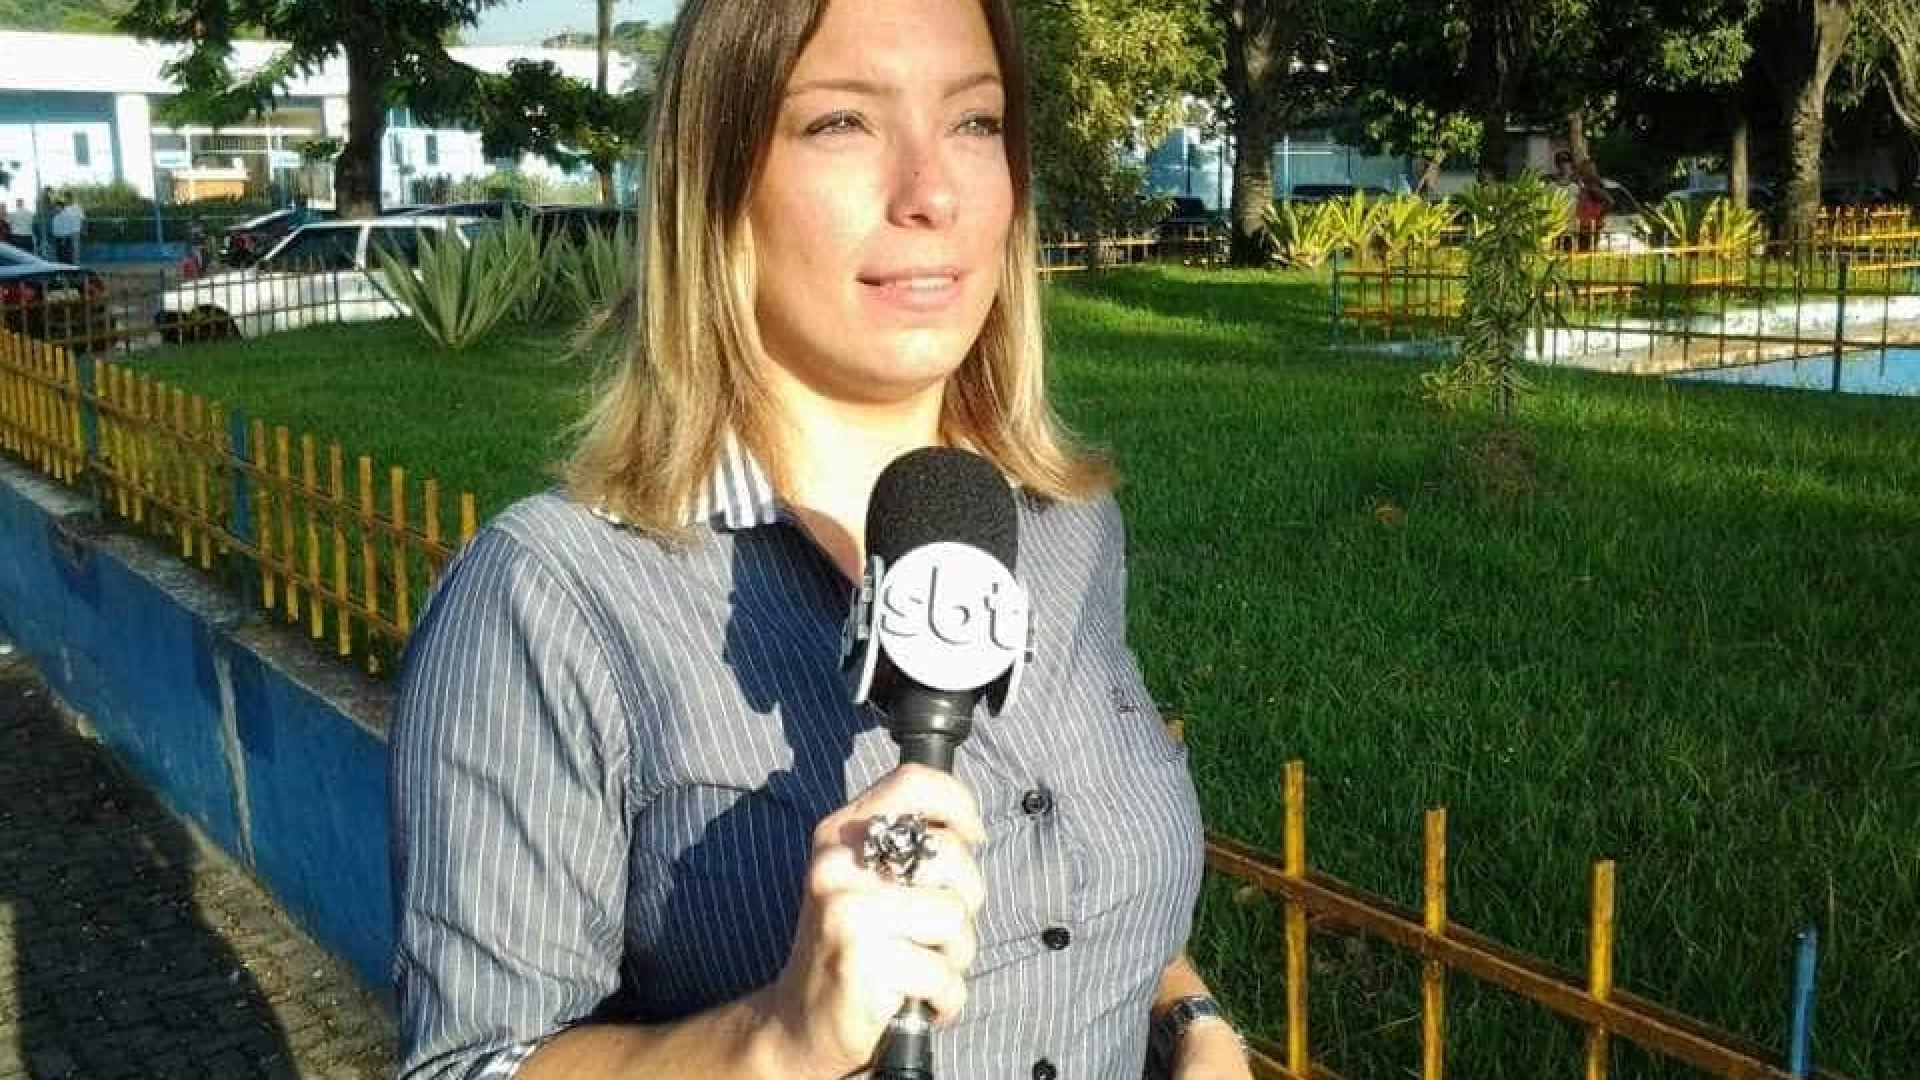 Repórter demitida por brigar com guarda no Rio pede perdão ao público